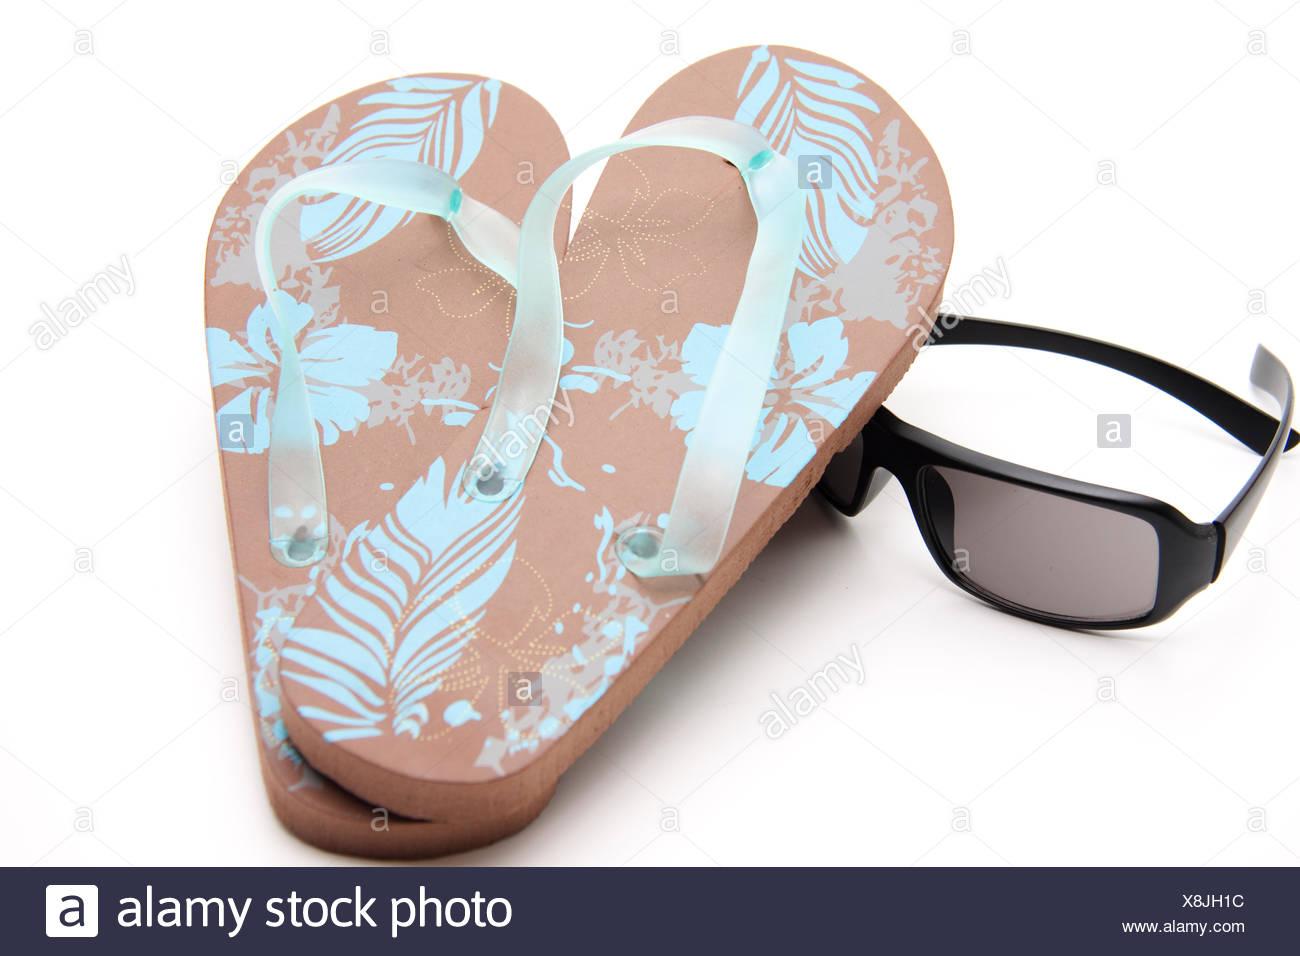 sandshoes, toilet seat, sunglasses, sunglass, convenient, easy, sandshoes, - Stock Image